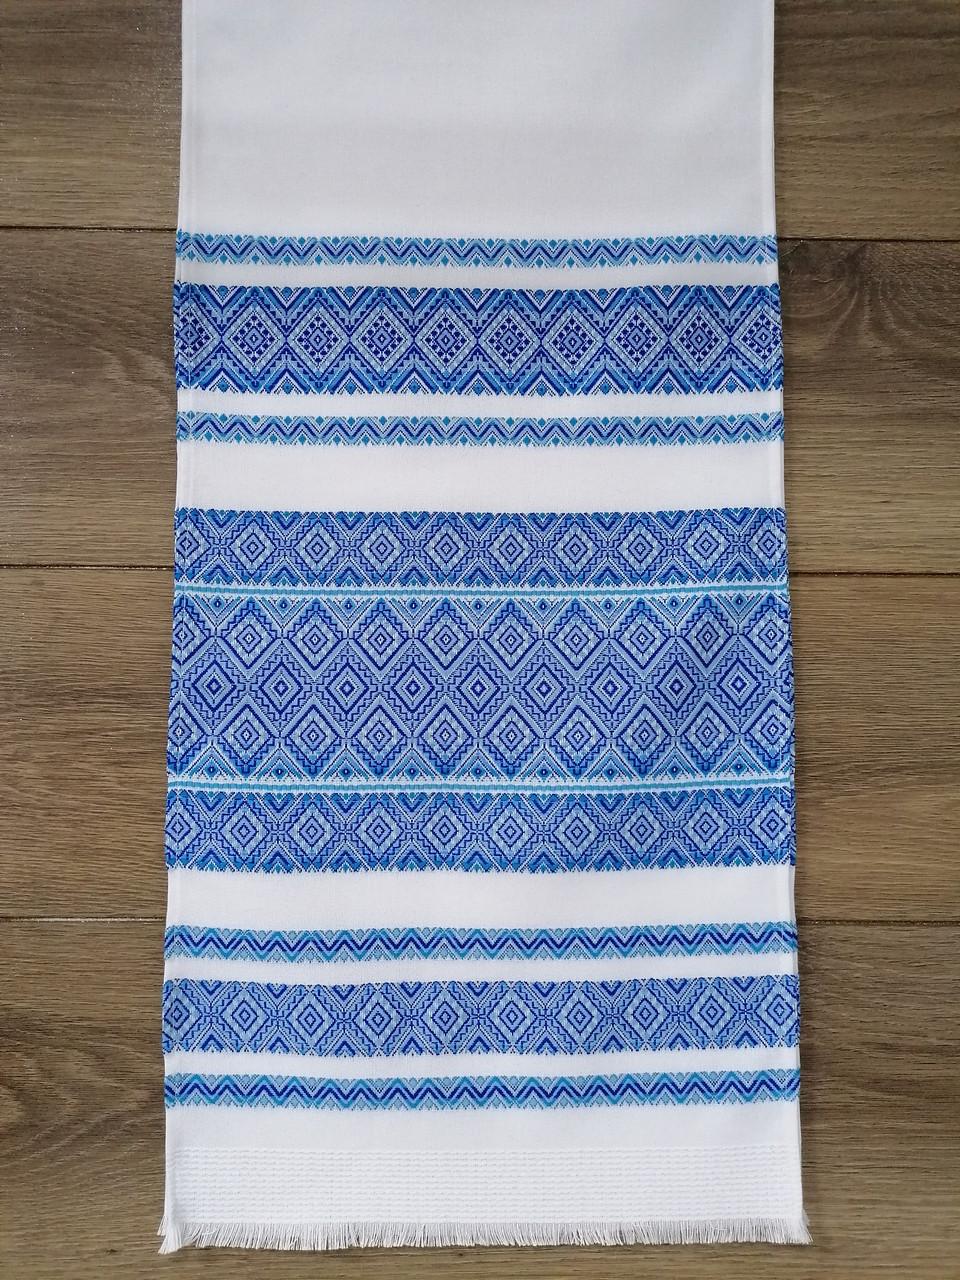 Тканий лляний рушник Волинські візерунки з синьо-блакитним орнаментом 240 см